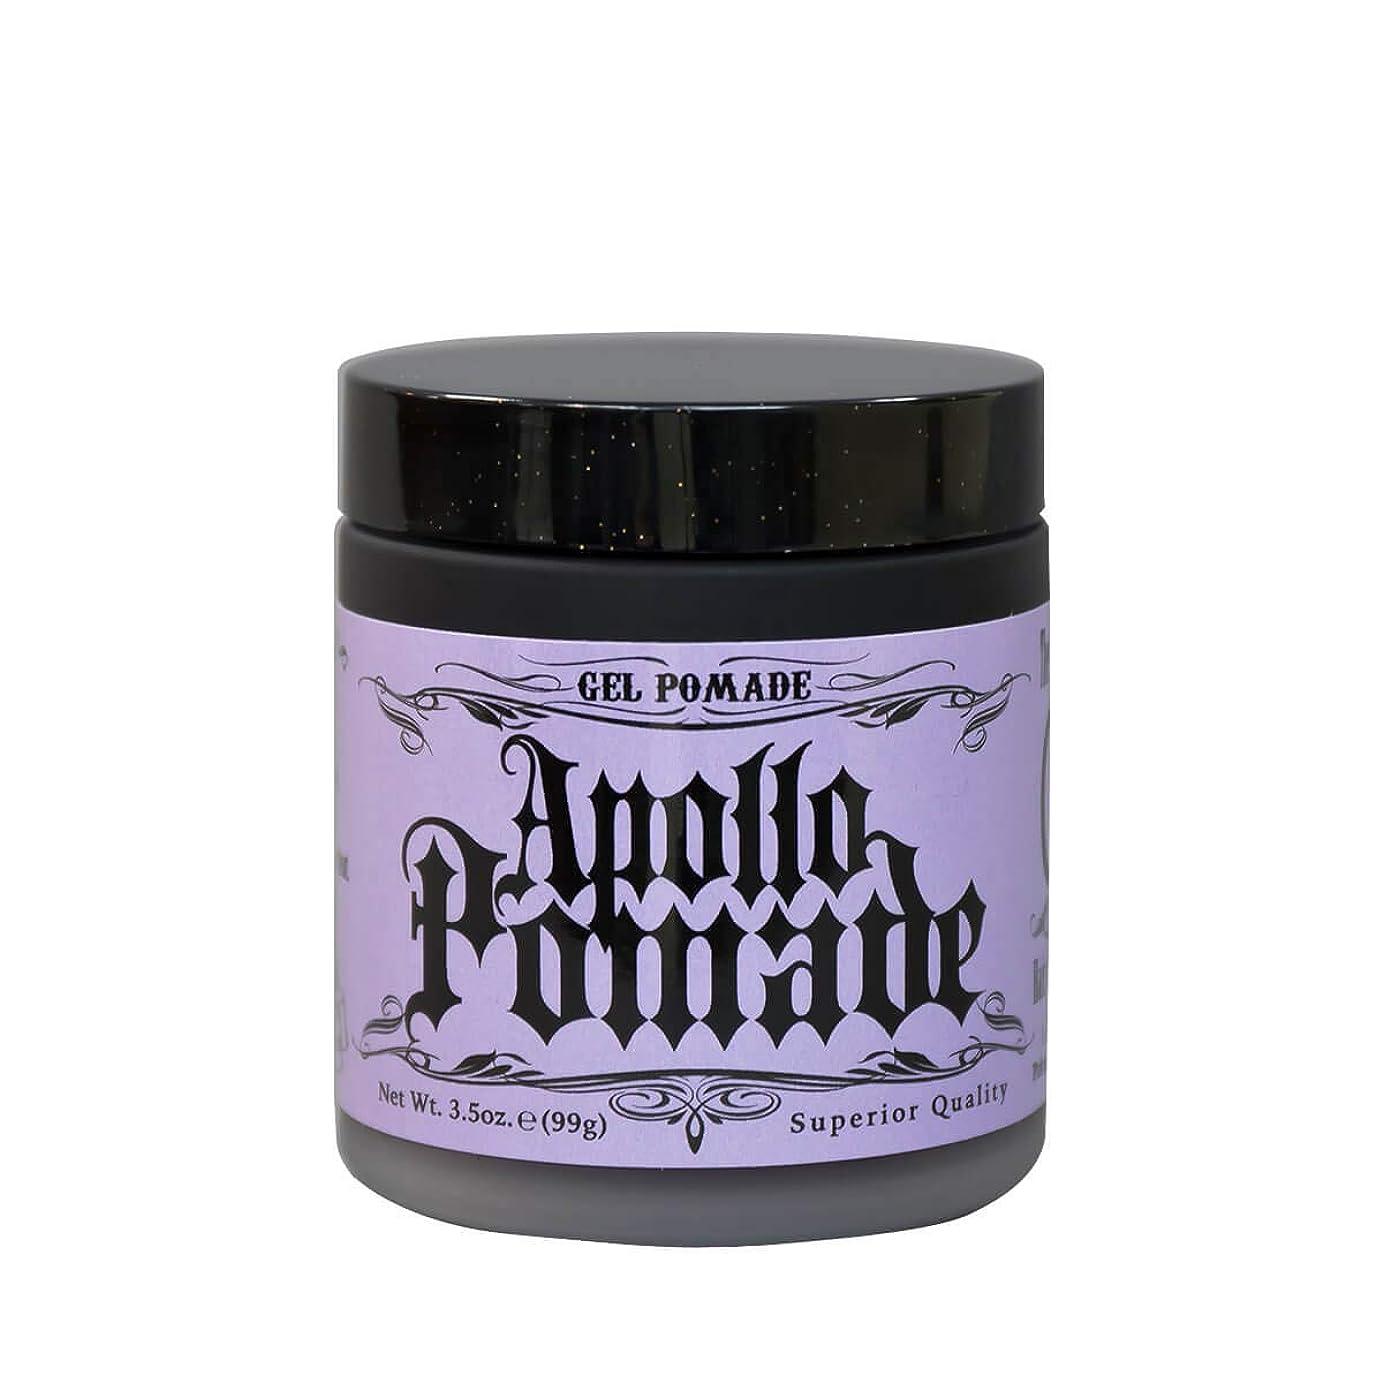 脚費やすとしてポマード メンズ Apollo Pamade (アポロポマード ジェルポム 水性 ) 3.5oz(99g)